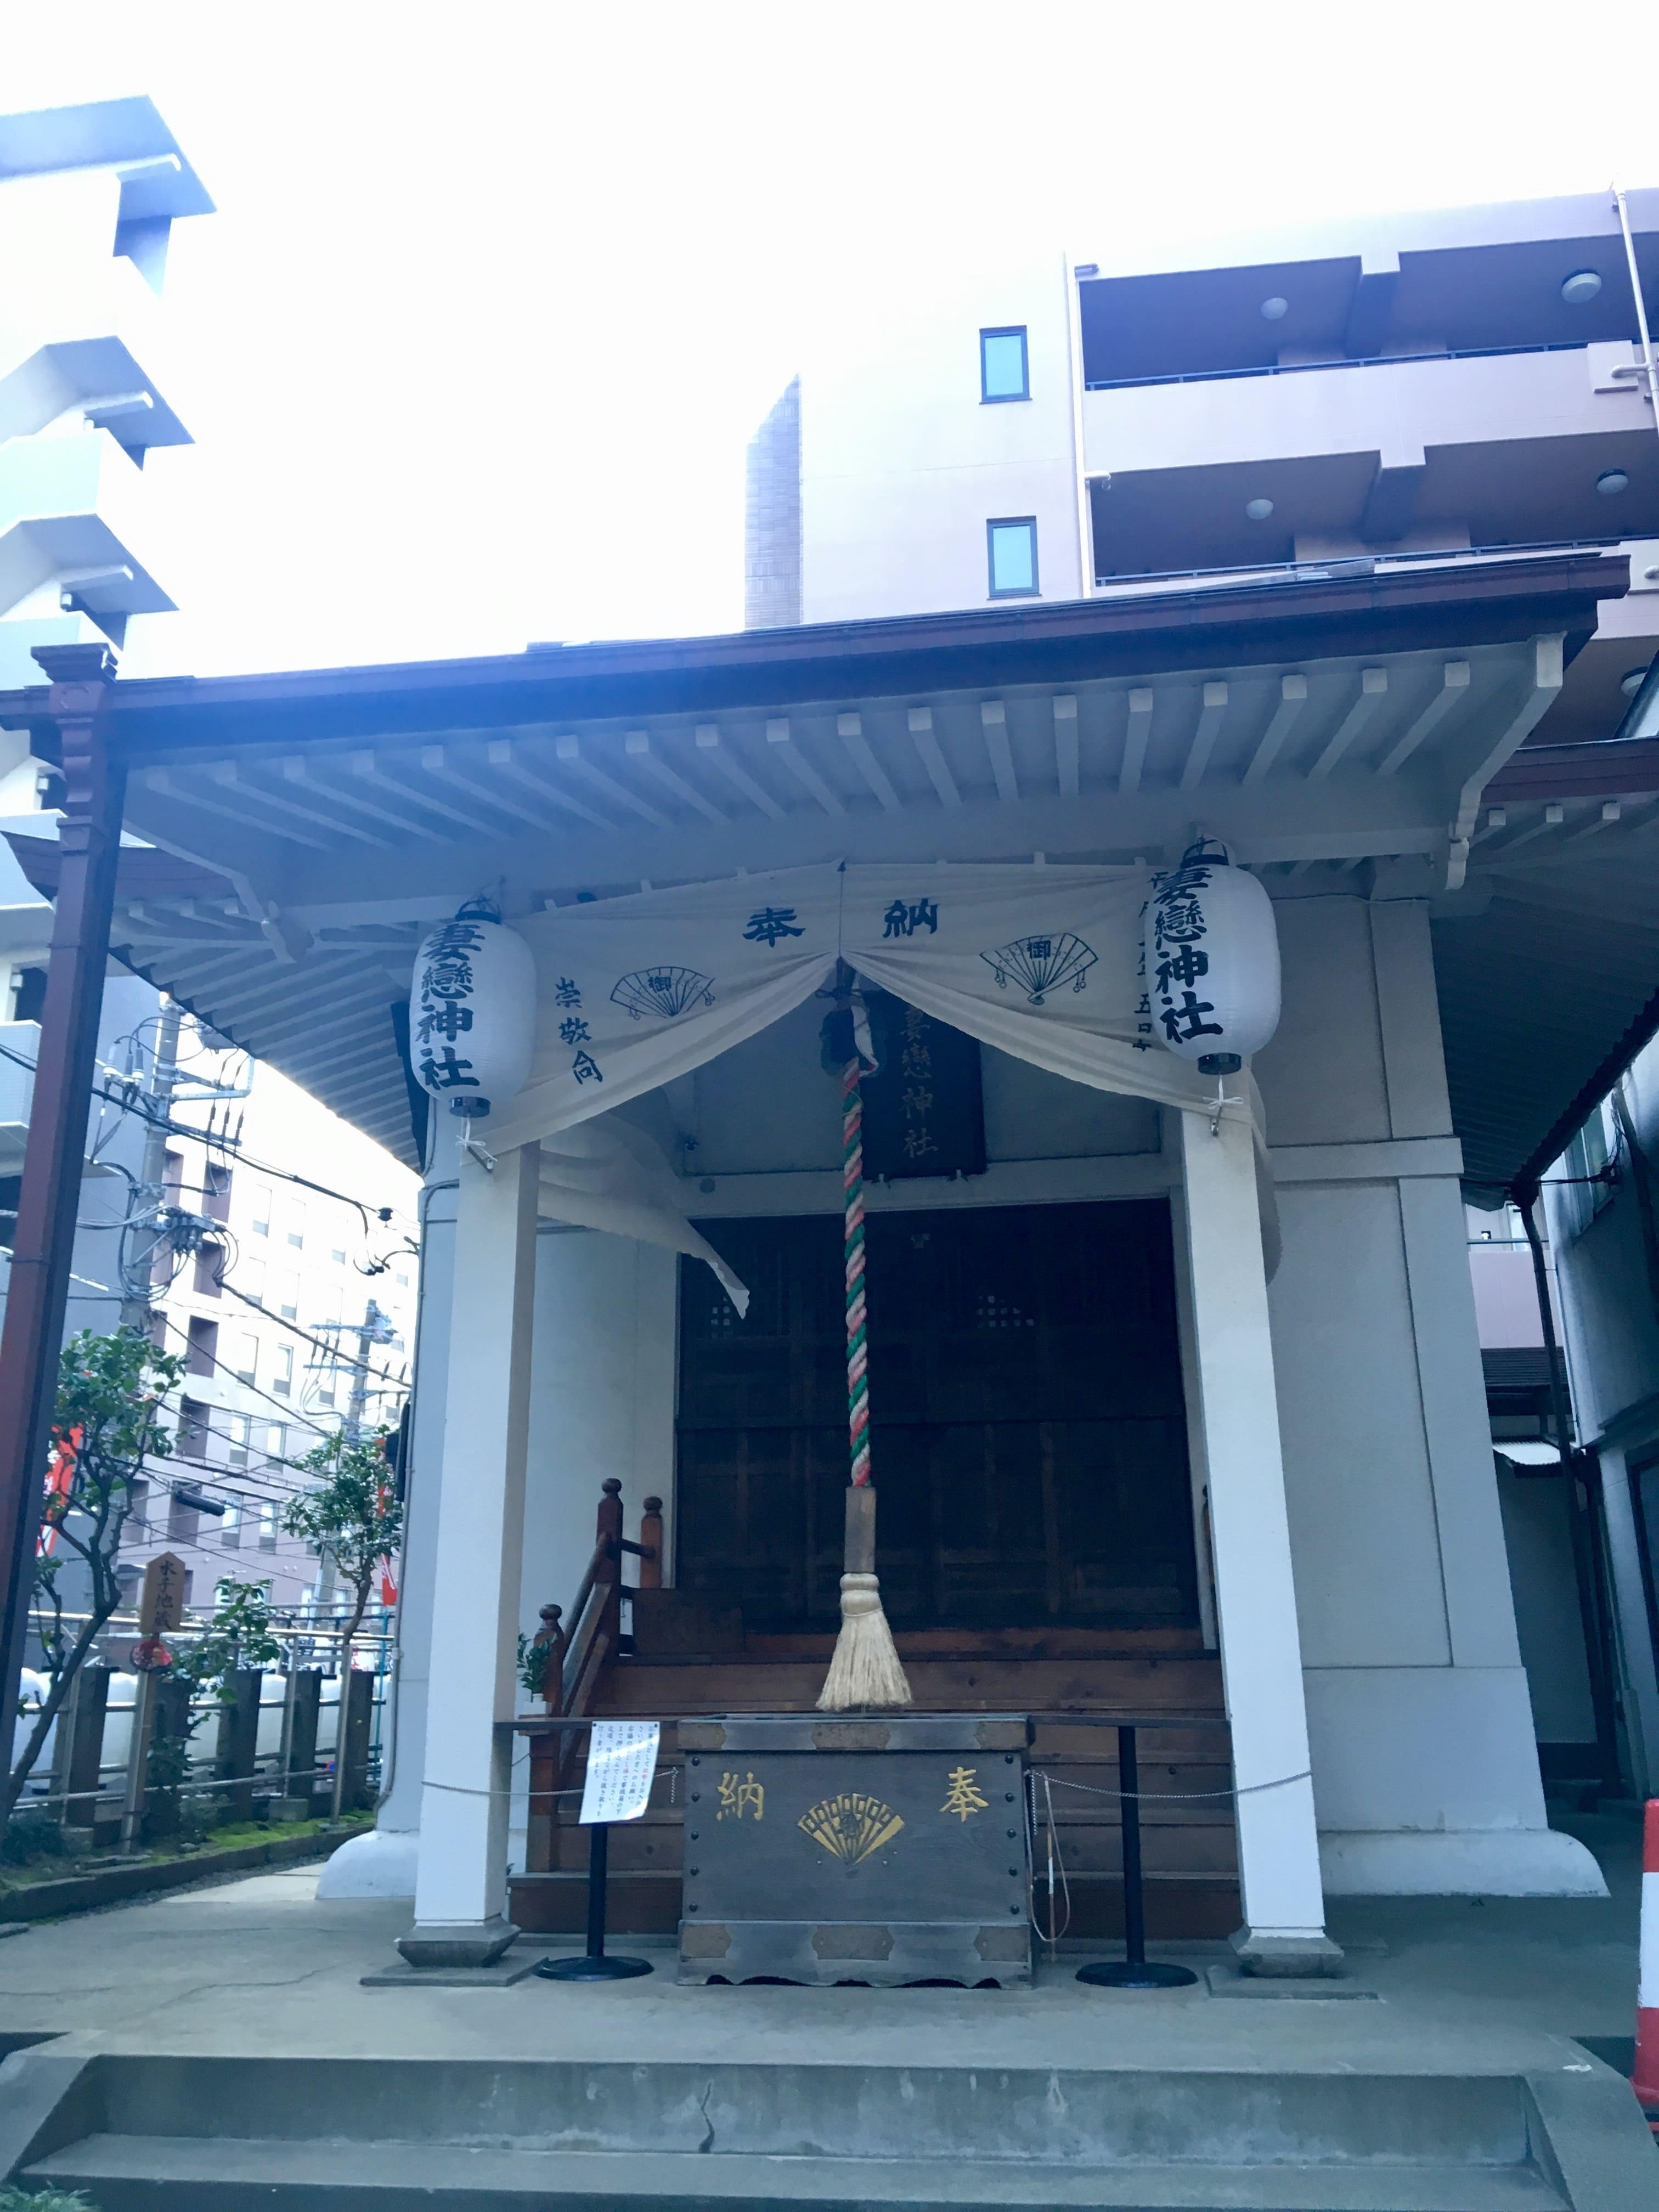 妻恋神社の社殿・本殿画像